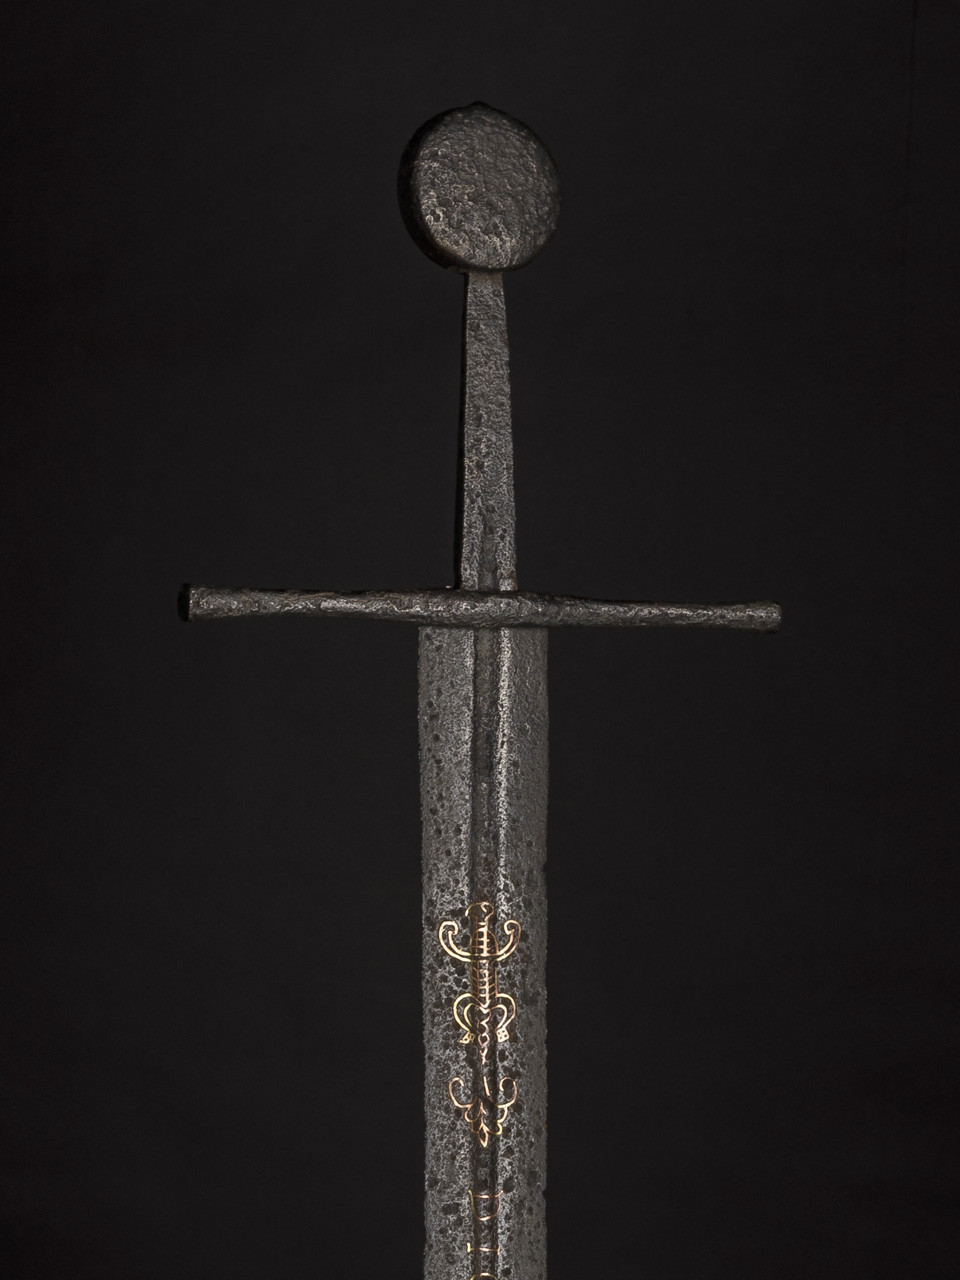 276760_ritterliches-SchwertulKzD3xeTqDXF